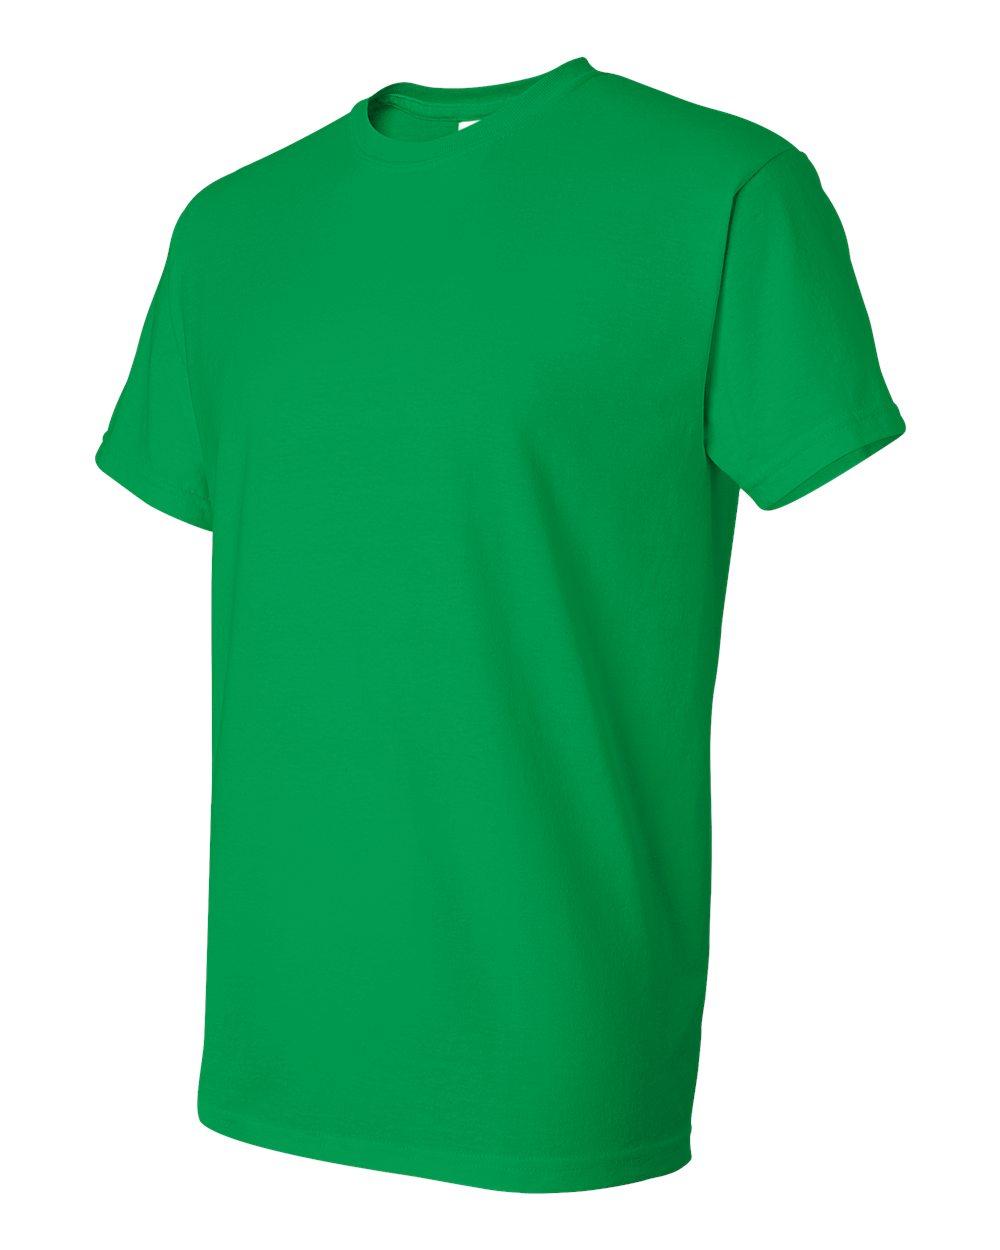 Gildan-Mens-DryBlend-5-6-oz-50-50-T-Shirt-G800-Size-S-5XL thumbnail 38